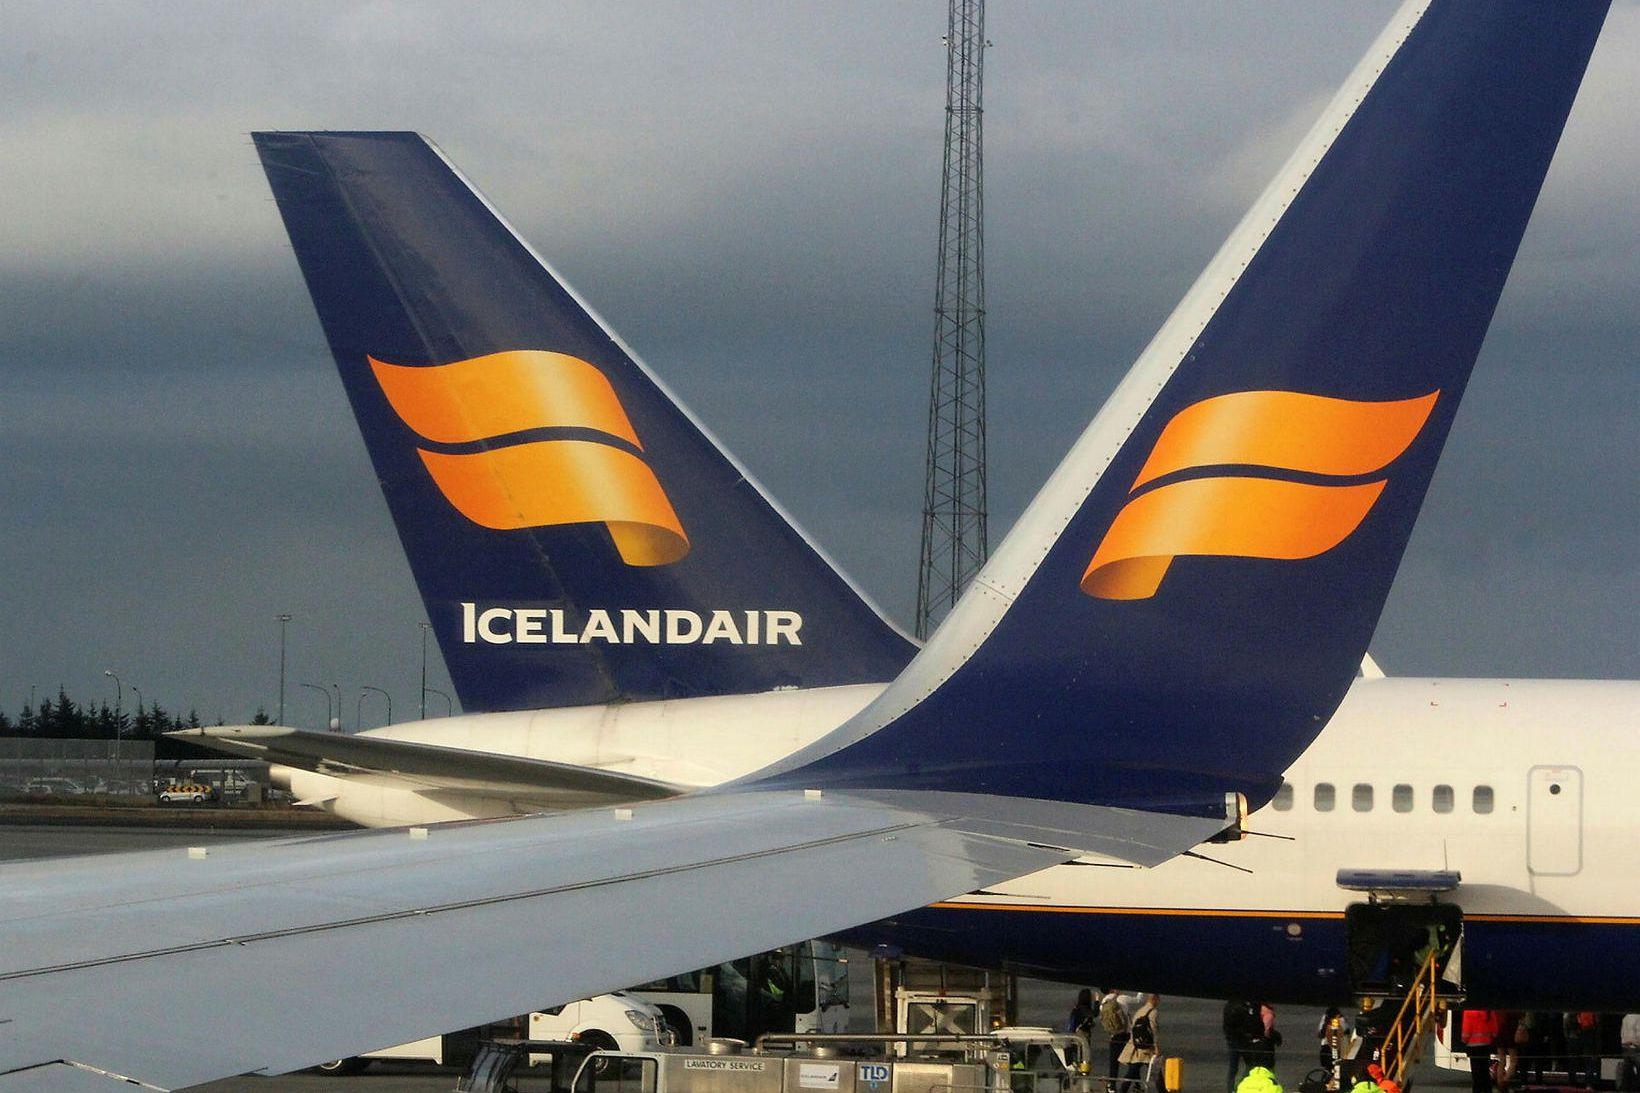 Icelandair hefur fengið margar fyrirspurnir vegna leiguflugs.